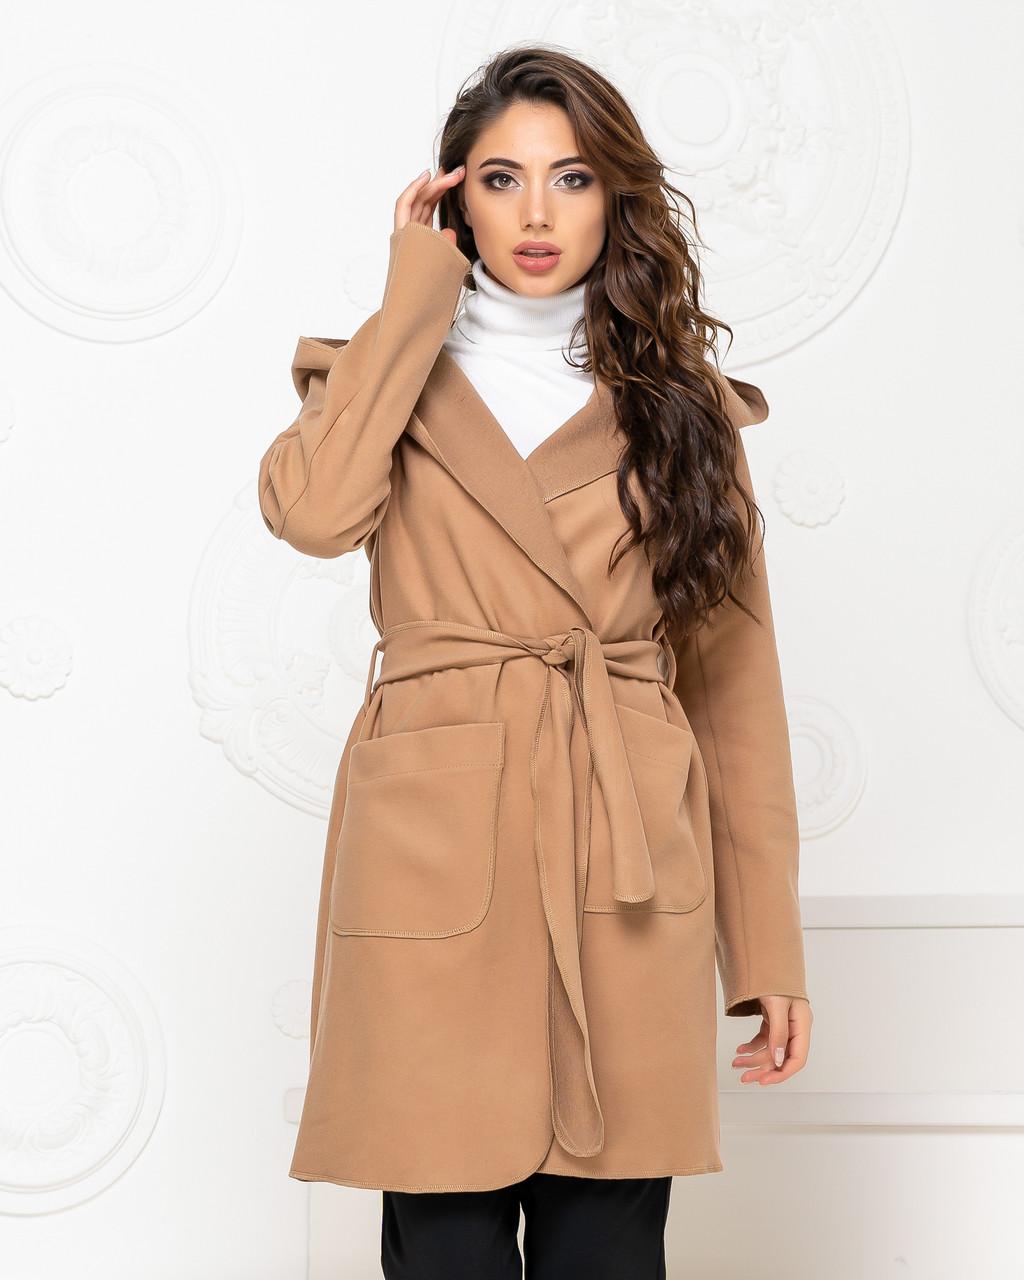 Пальто з капюшоном і поясом NOBILITAS 42 - 48 коричневе кашемір (арт. 20011)